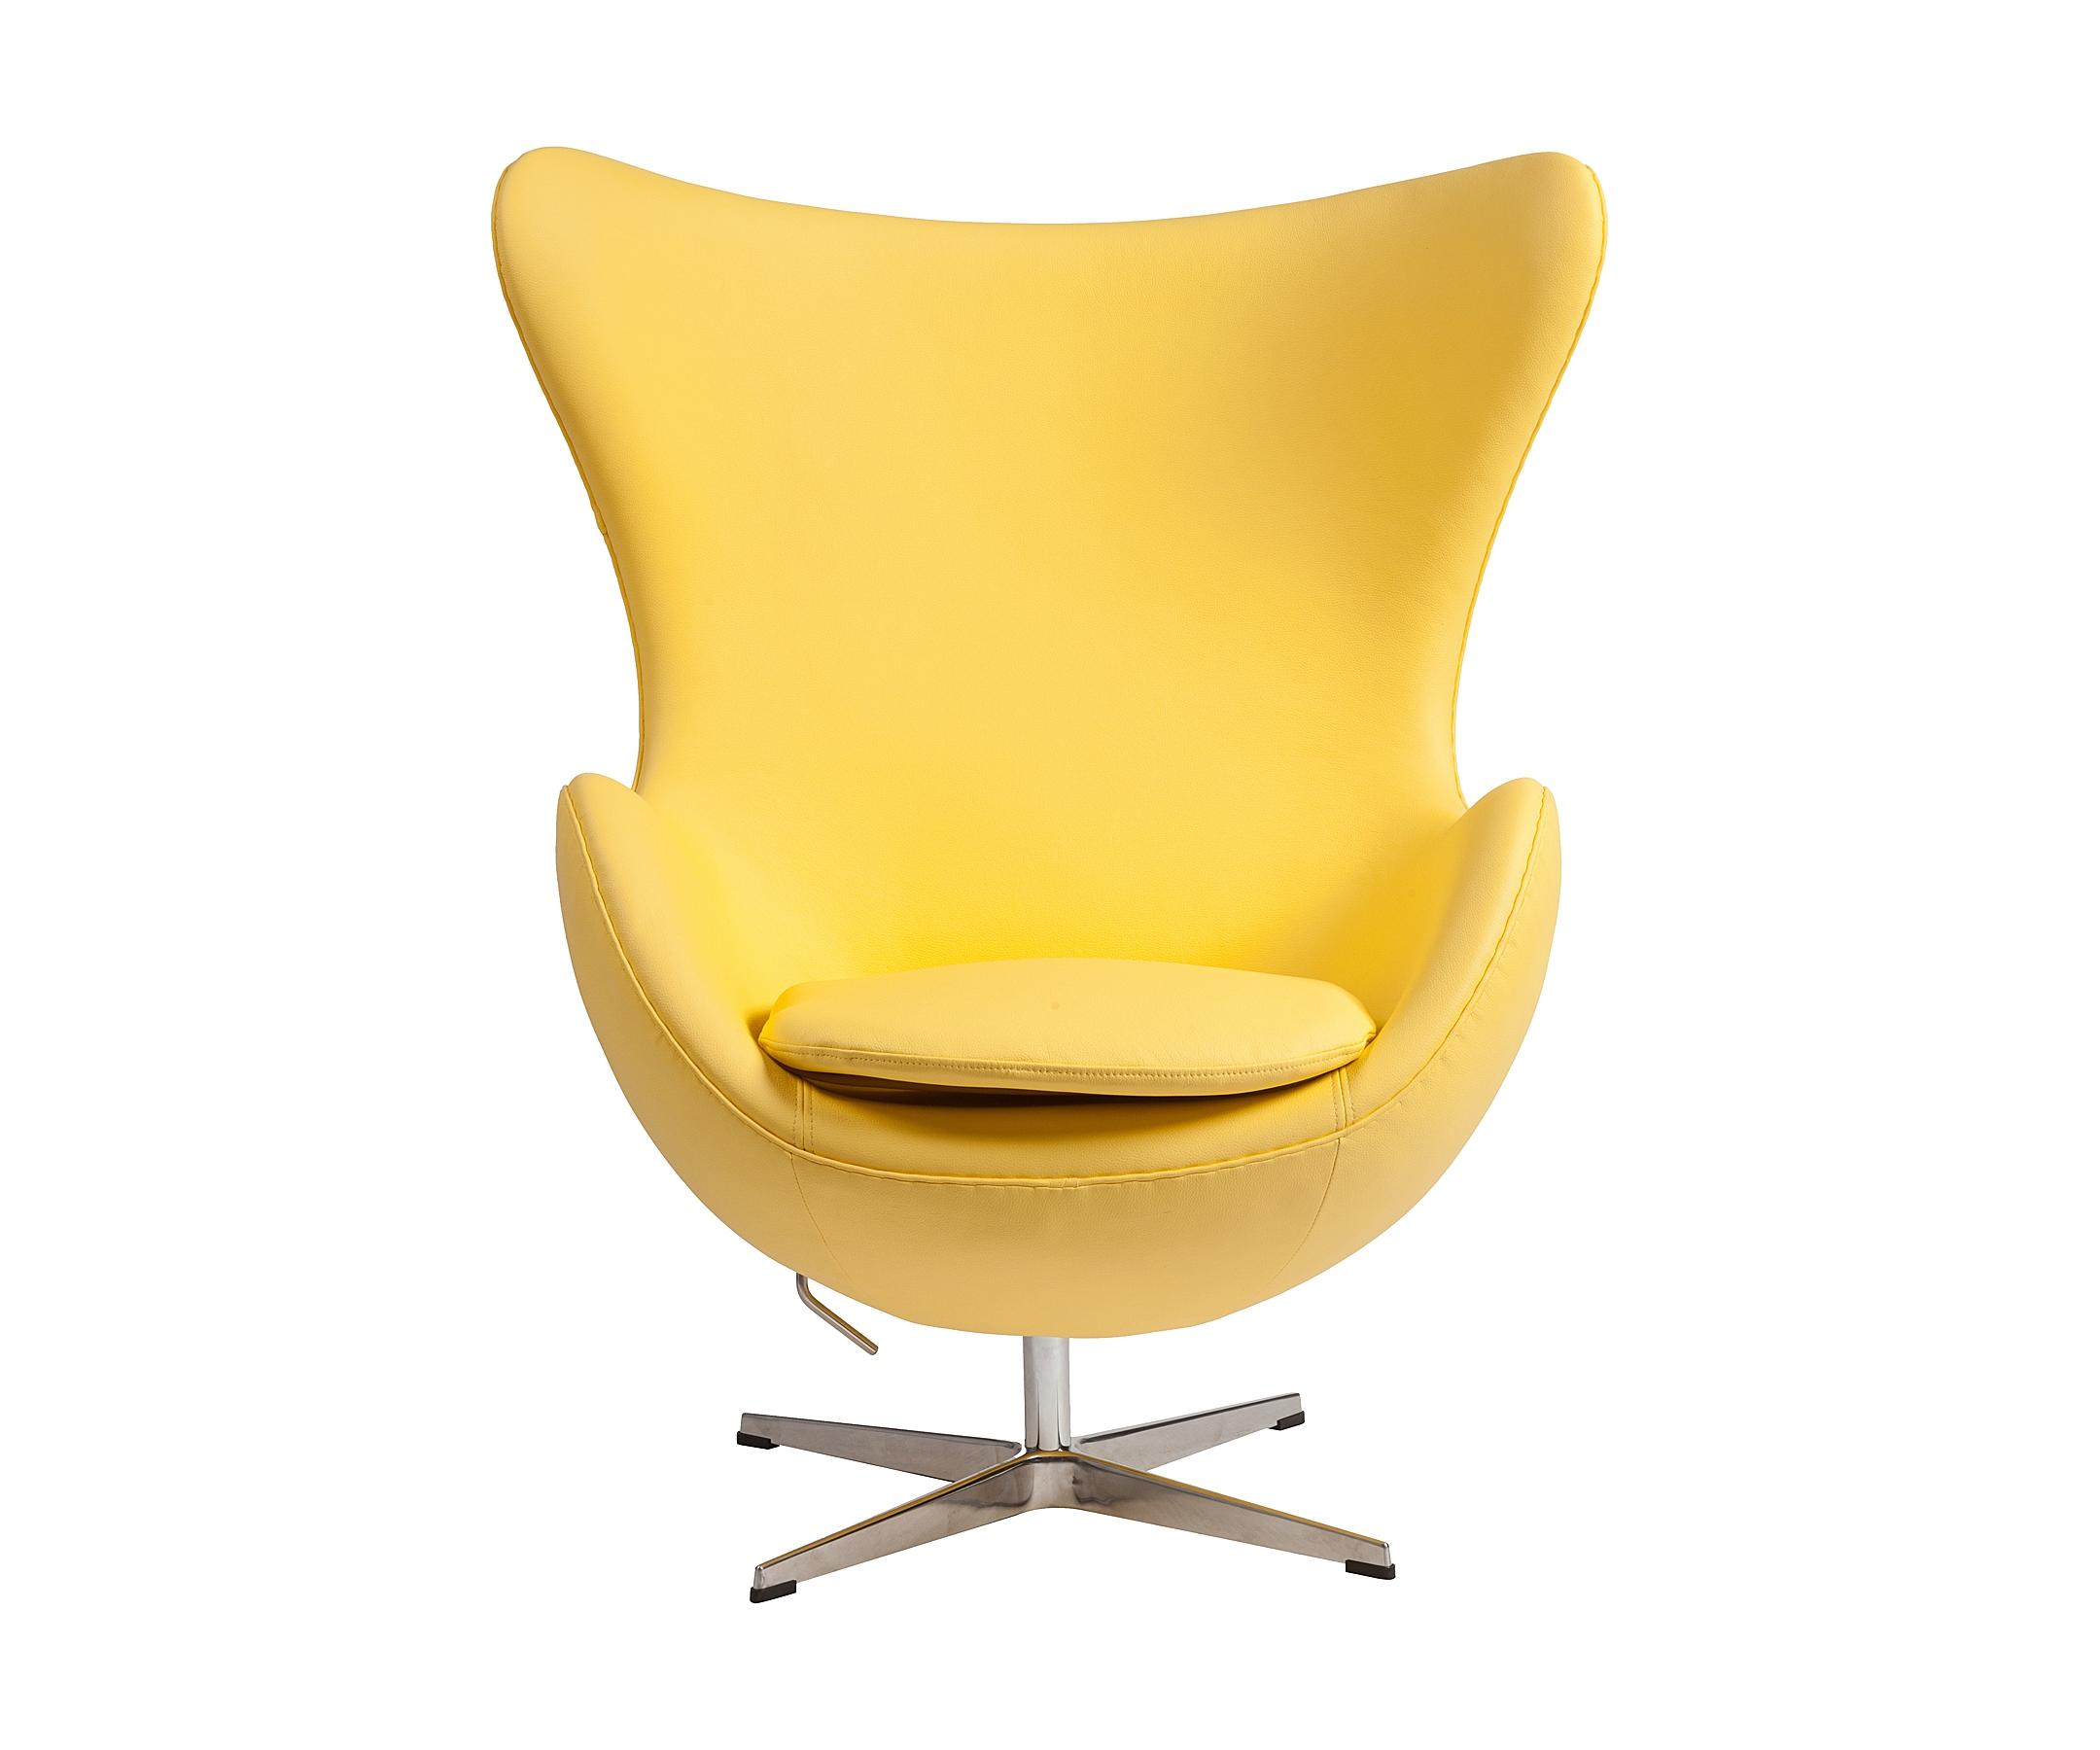 Кресло Egg ChairКресла с высокой спинкой<br><br><br>Material: Кожа<br>Ширина см: 82<br>Высота см: 105<br>Глубина см: 76